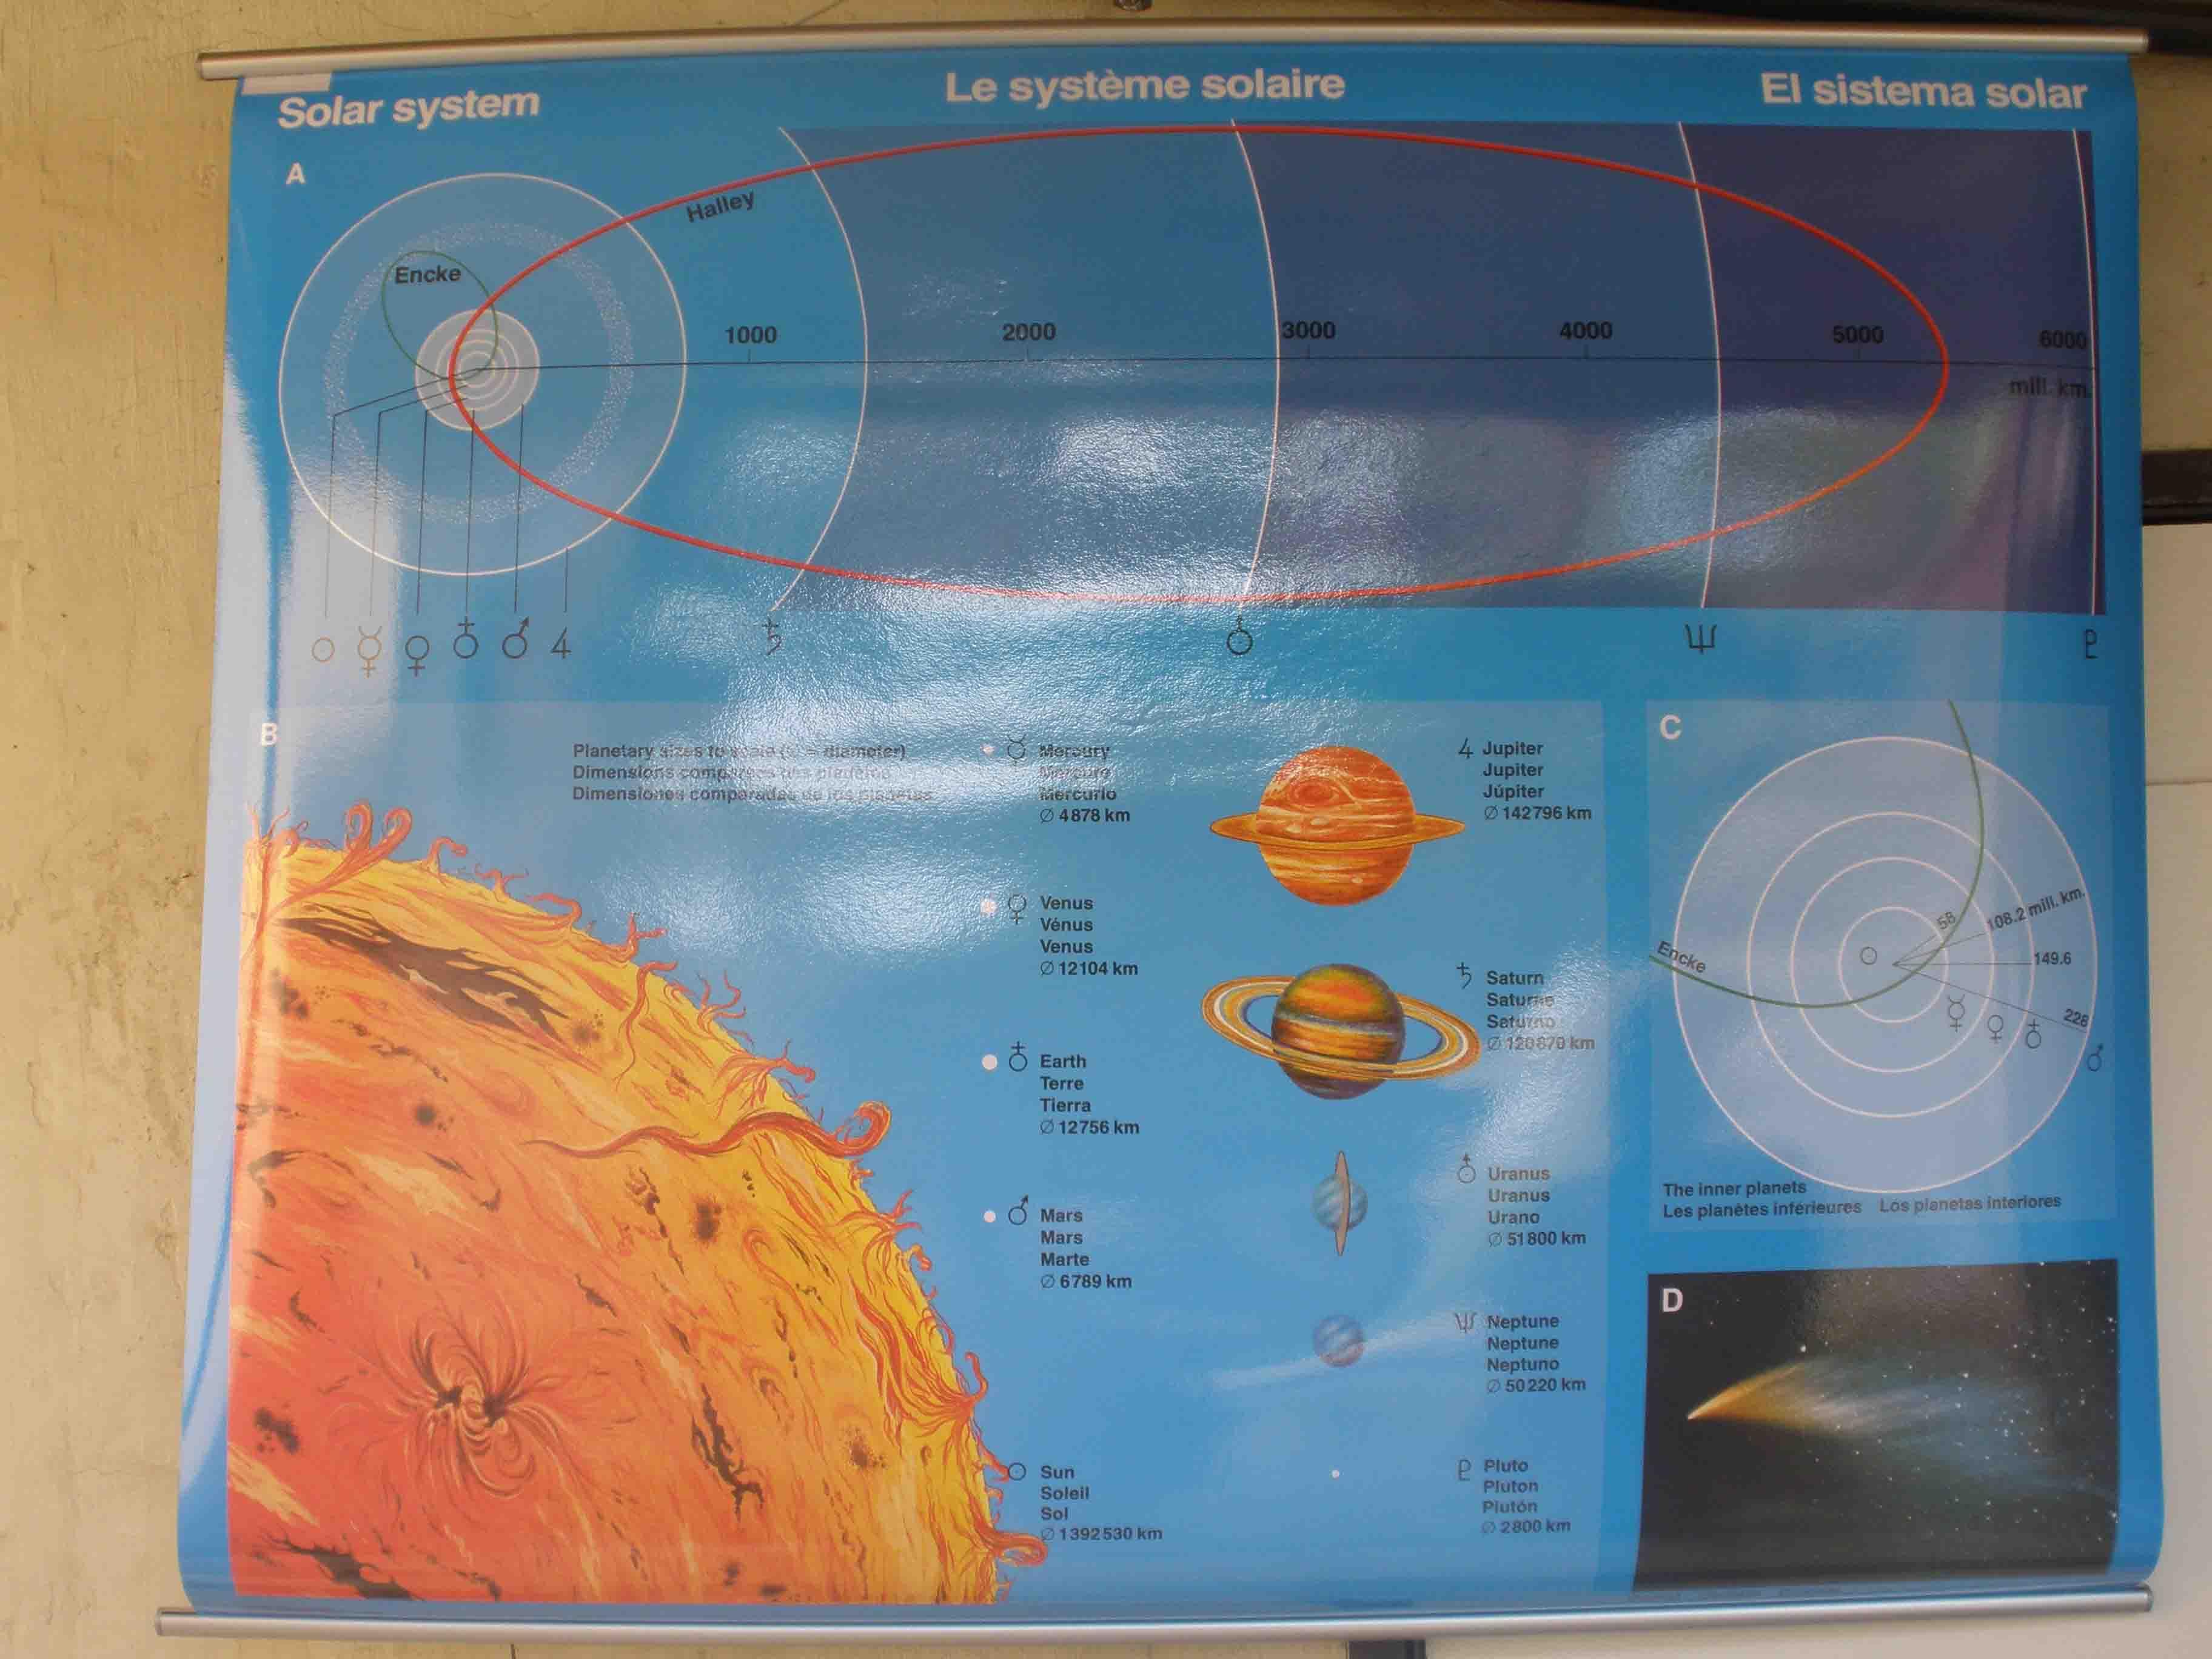 Slnečná sústava – vzdelávacia mapa, bez titulkov